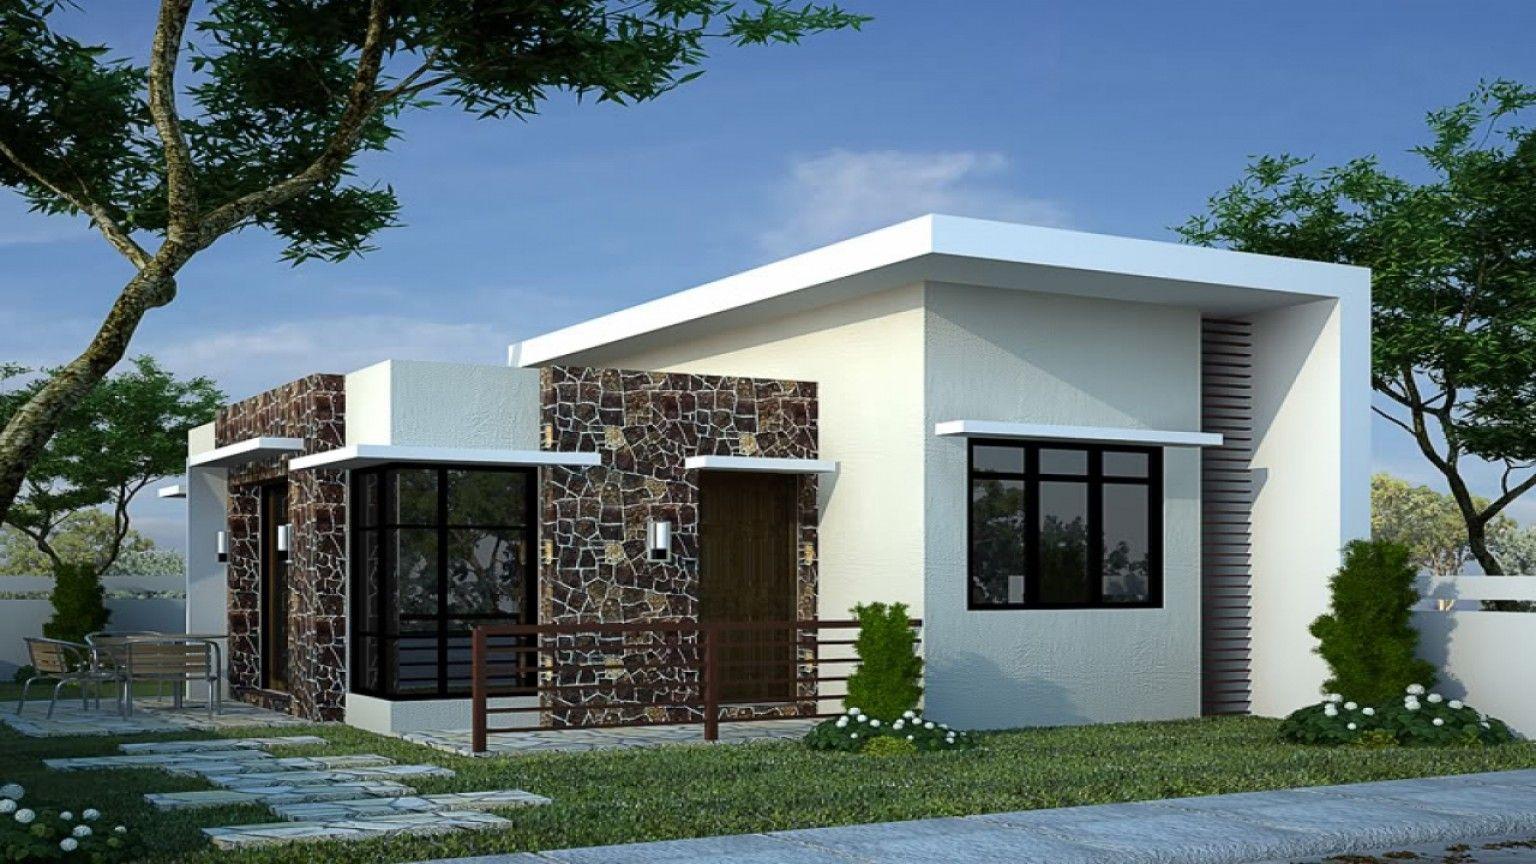 Simple Bungalow House With Terrace   Desain depan rumah, Desain ...